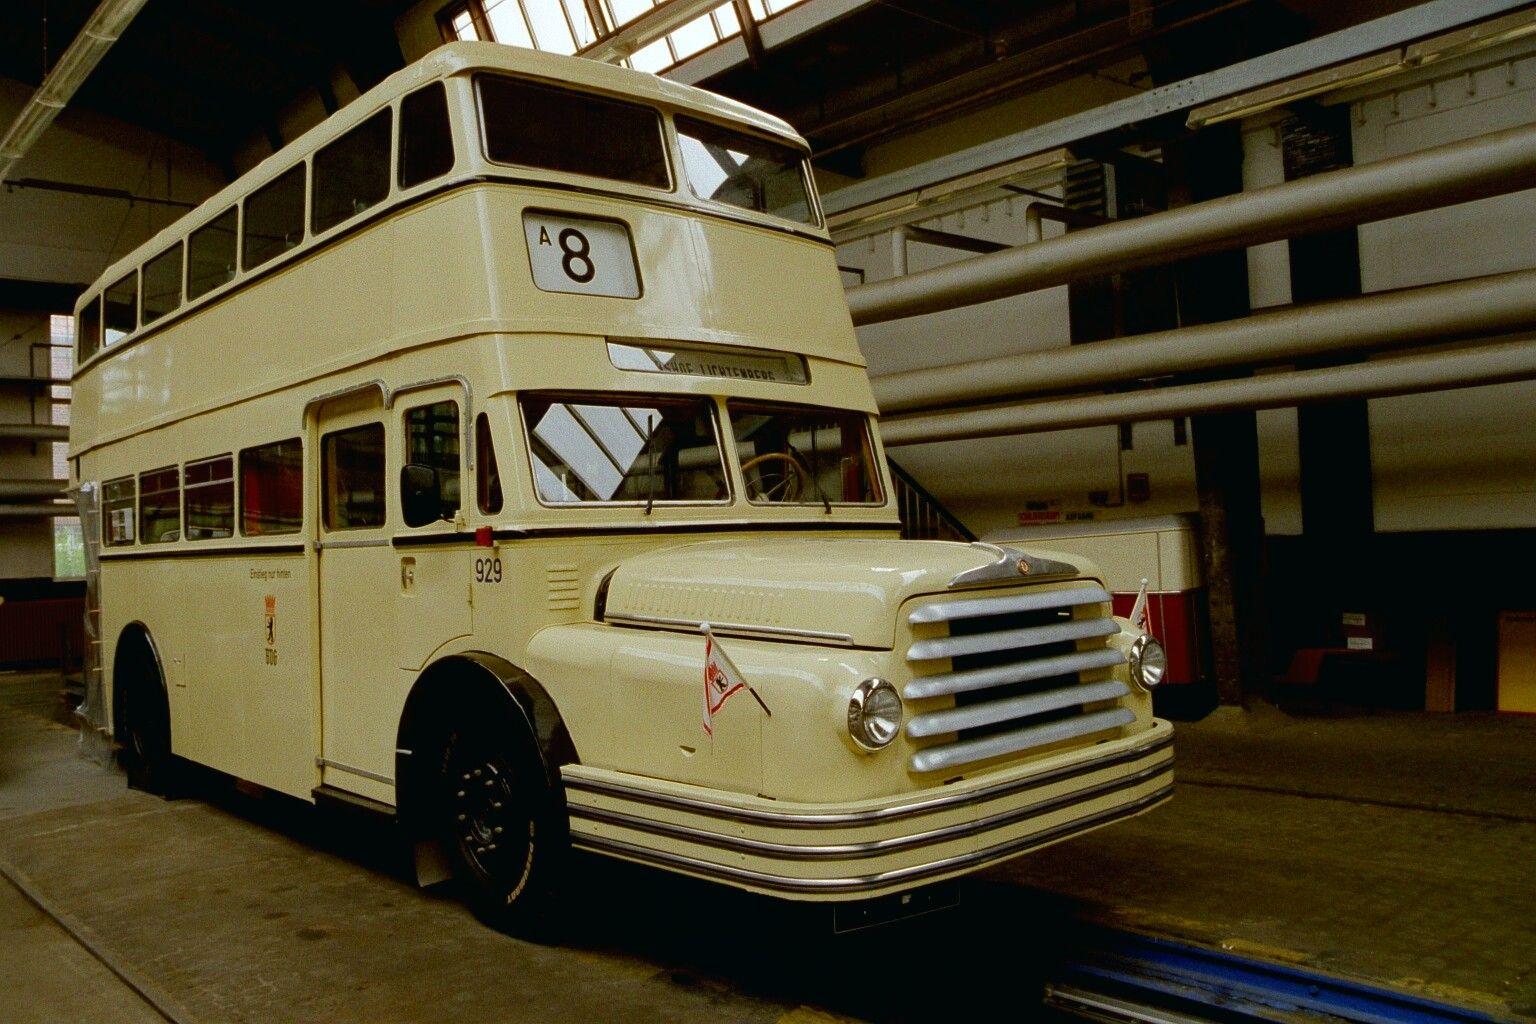 Bus 929